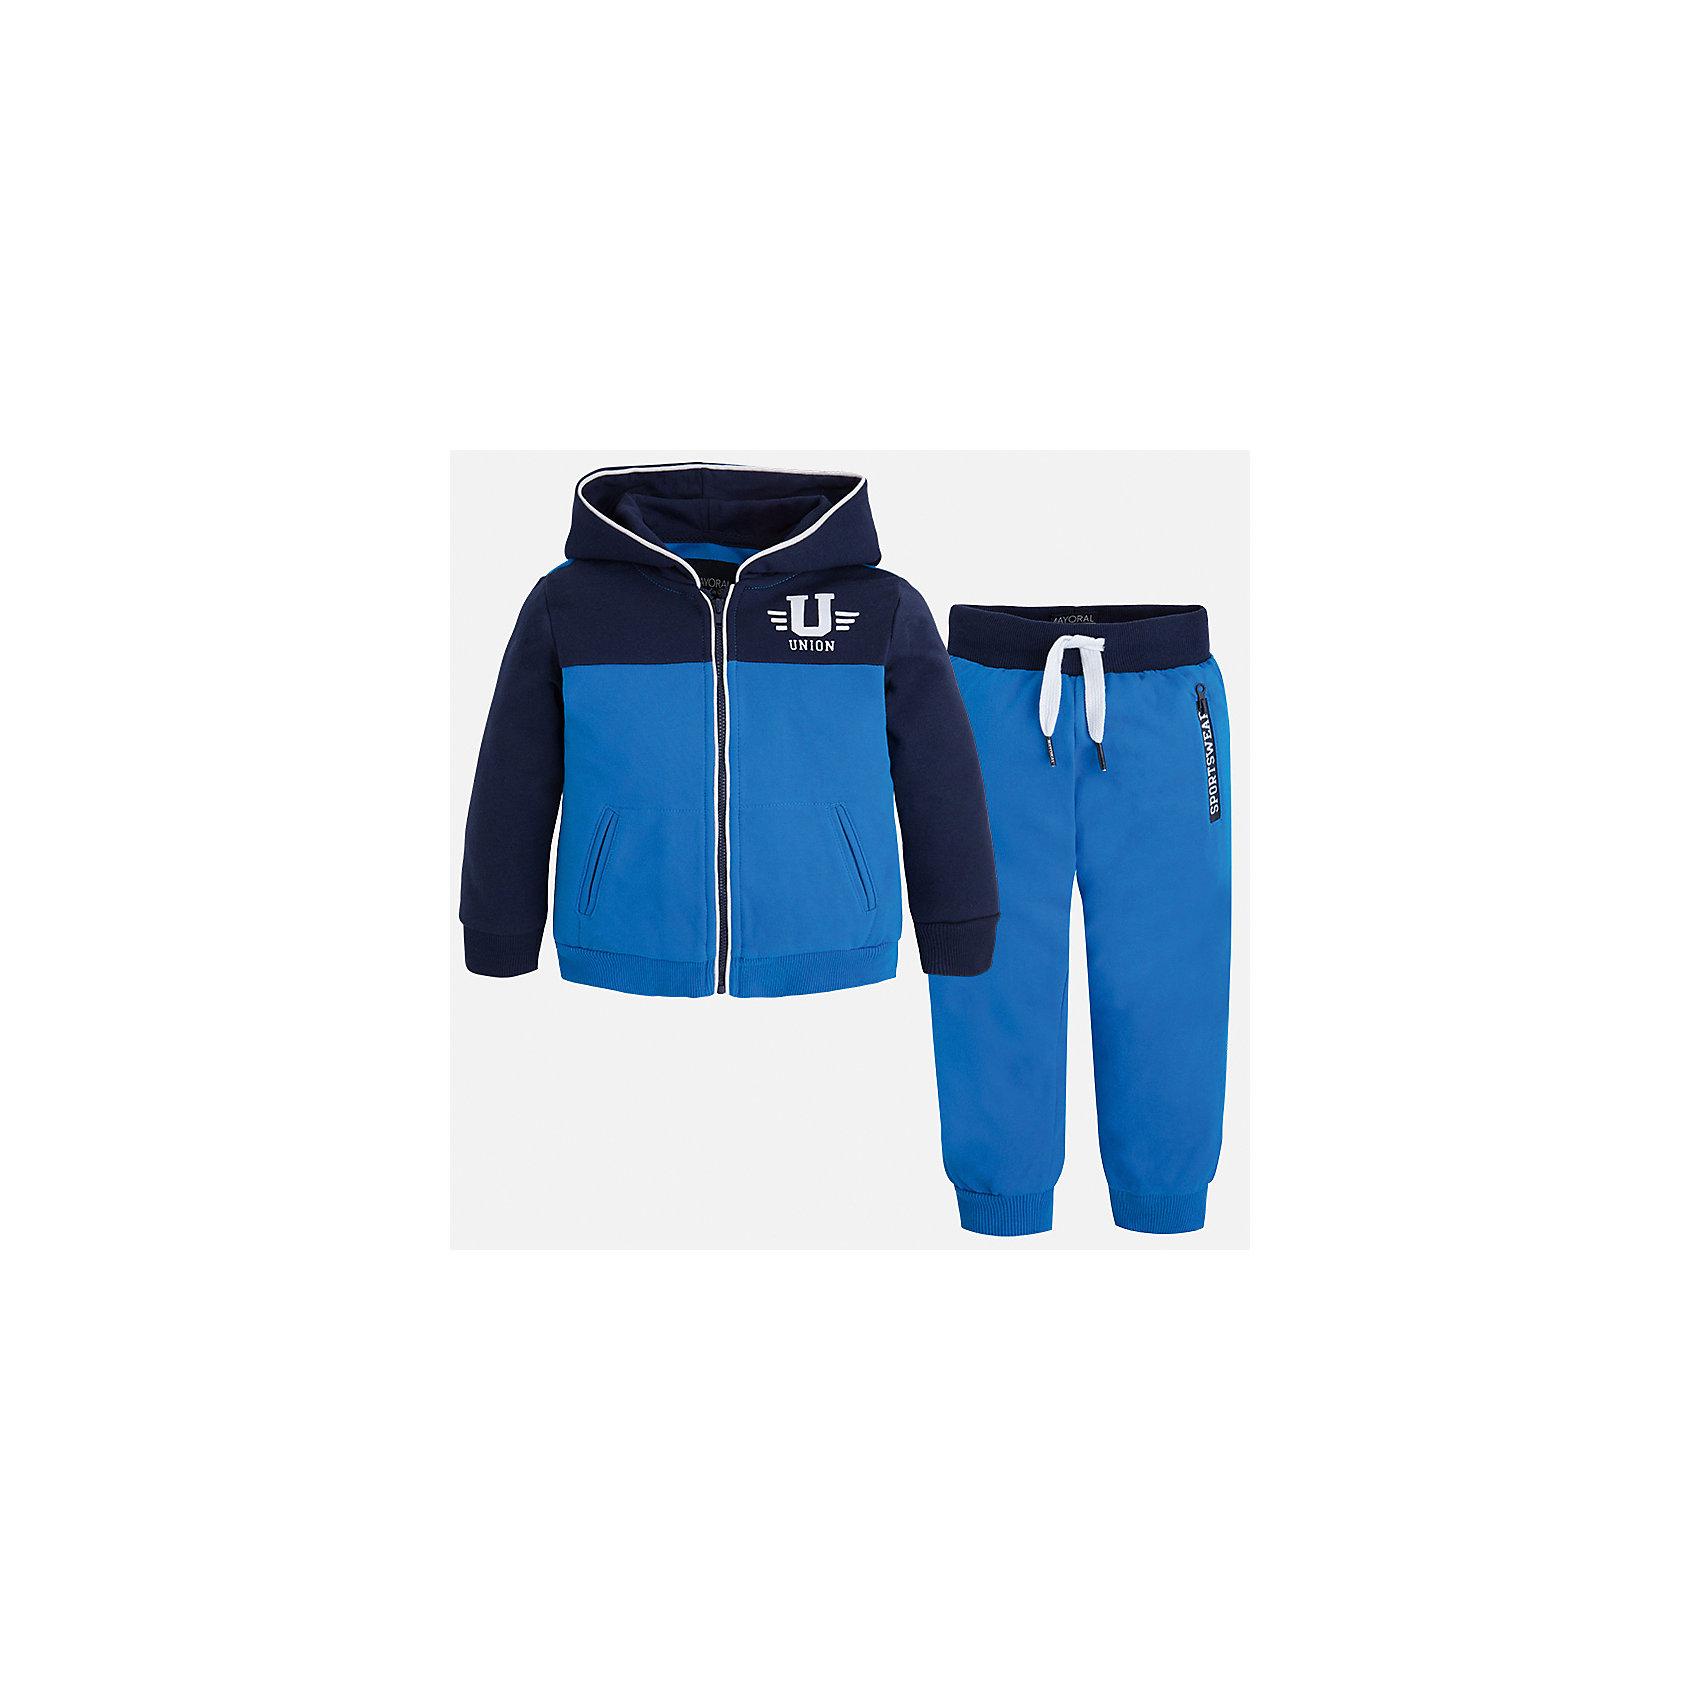 Спортивный костюм для мальчика MayoralКомплекты<br>Характеристики товара:<br><br>• цвет: синий<br>• состав: 60% хлопок, 40% полиэстер<br>• комплектация: курточка, штаны<br>• куртка декорирована принтом<br>• карманы<br>• капюшон<br>• штаны - пояс на шнурке<br>• манжеты<br>• страна бренда: Испания<br><br>Стильный качественный спортивный костюм для мальчика поможет разнообразить гардероб ребенка и удобно одеться. Курточка и штаны отлично сочетаются с другими предметами. Универсальный цвет позволяет подобрать к вещам верхнюю одежду практически любой расцветки. Интересная отделка модели делает её нарядной и оригинальной. В составе материала - натуральный хлопок, гипоаллергенный, приятный на ощупь, дышащий.<br><br>Одежда, обувь и аксессуары от испанского бренда Mayoral полюбились детям и взрослым по всему миру. Модели этой марки - стильные и удобные. Для их производства используются только безопасные, качественные материалы и фурнитура. Порадуйте ребенка модными и красивыми вещами от Mayoral! <br><br>Спортивный костюм для мальчика от испанского бренда Mayoral (Майорал) можно купить в нашем интернет-магазине.<br><br>Ширина мм: 247<br>Глубина мм: 16<br>Высота мм: 140<br>Вес г: 225<br>Цвет: синий<br>Возраст от месяцев: 24<br>Возраст до месяцев: 36<br>Пол: Мужской<br>Возраст: Детский<br>Размер: 98,92,110,122,116,134,104,128<br>SKU: 5281171